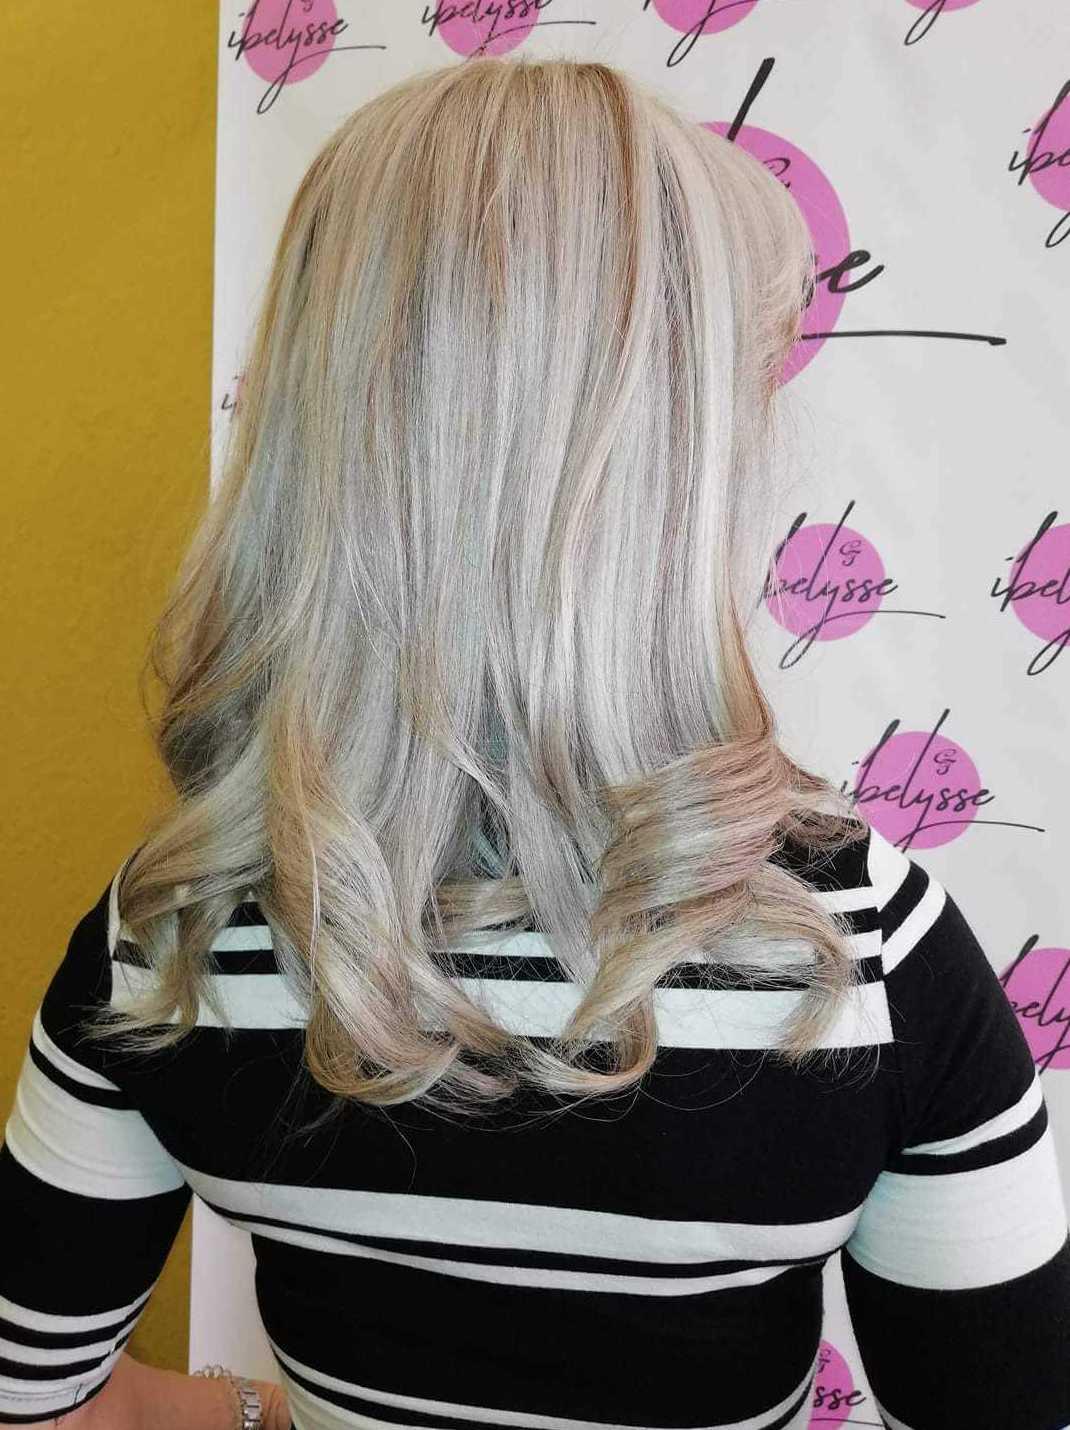 Diez cosas a tener en cuenta antes de cambiar el color del pelo.